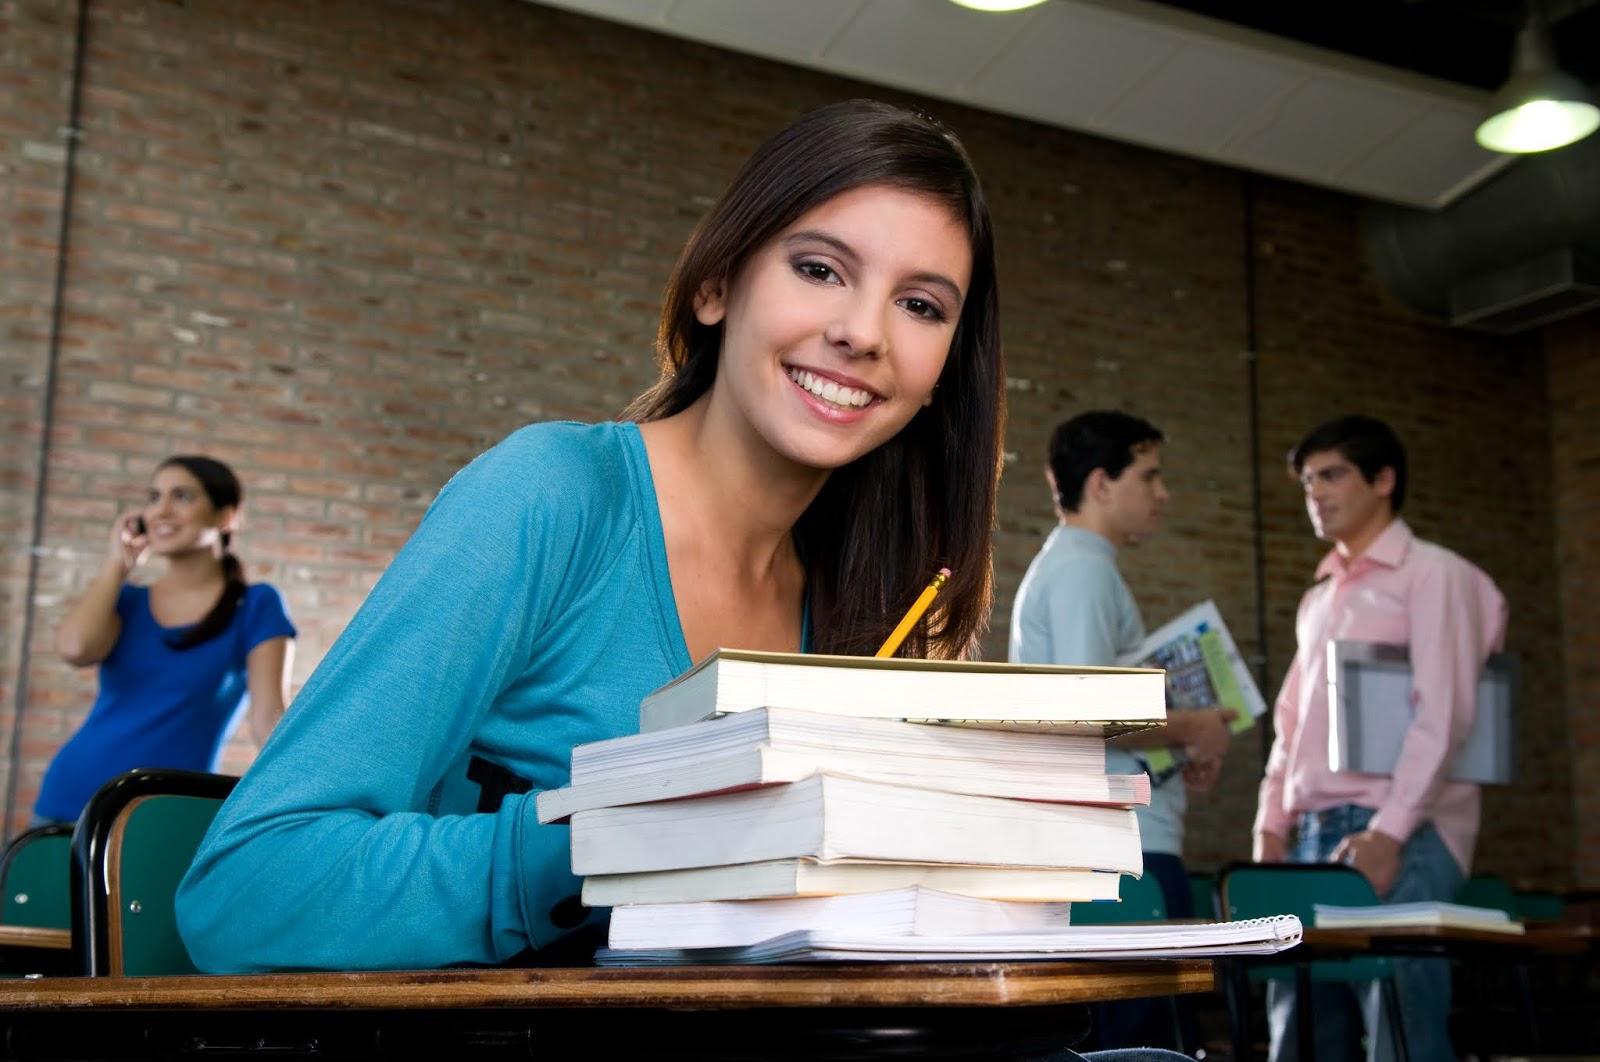 http://www.educamaisbrasil.com.br/faculdades-e-universidades/?p=portaldepinhal